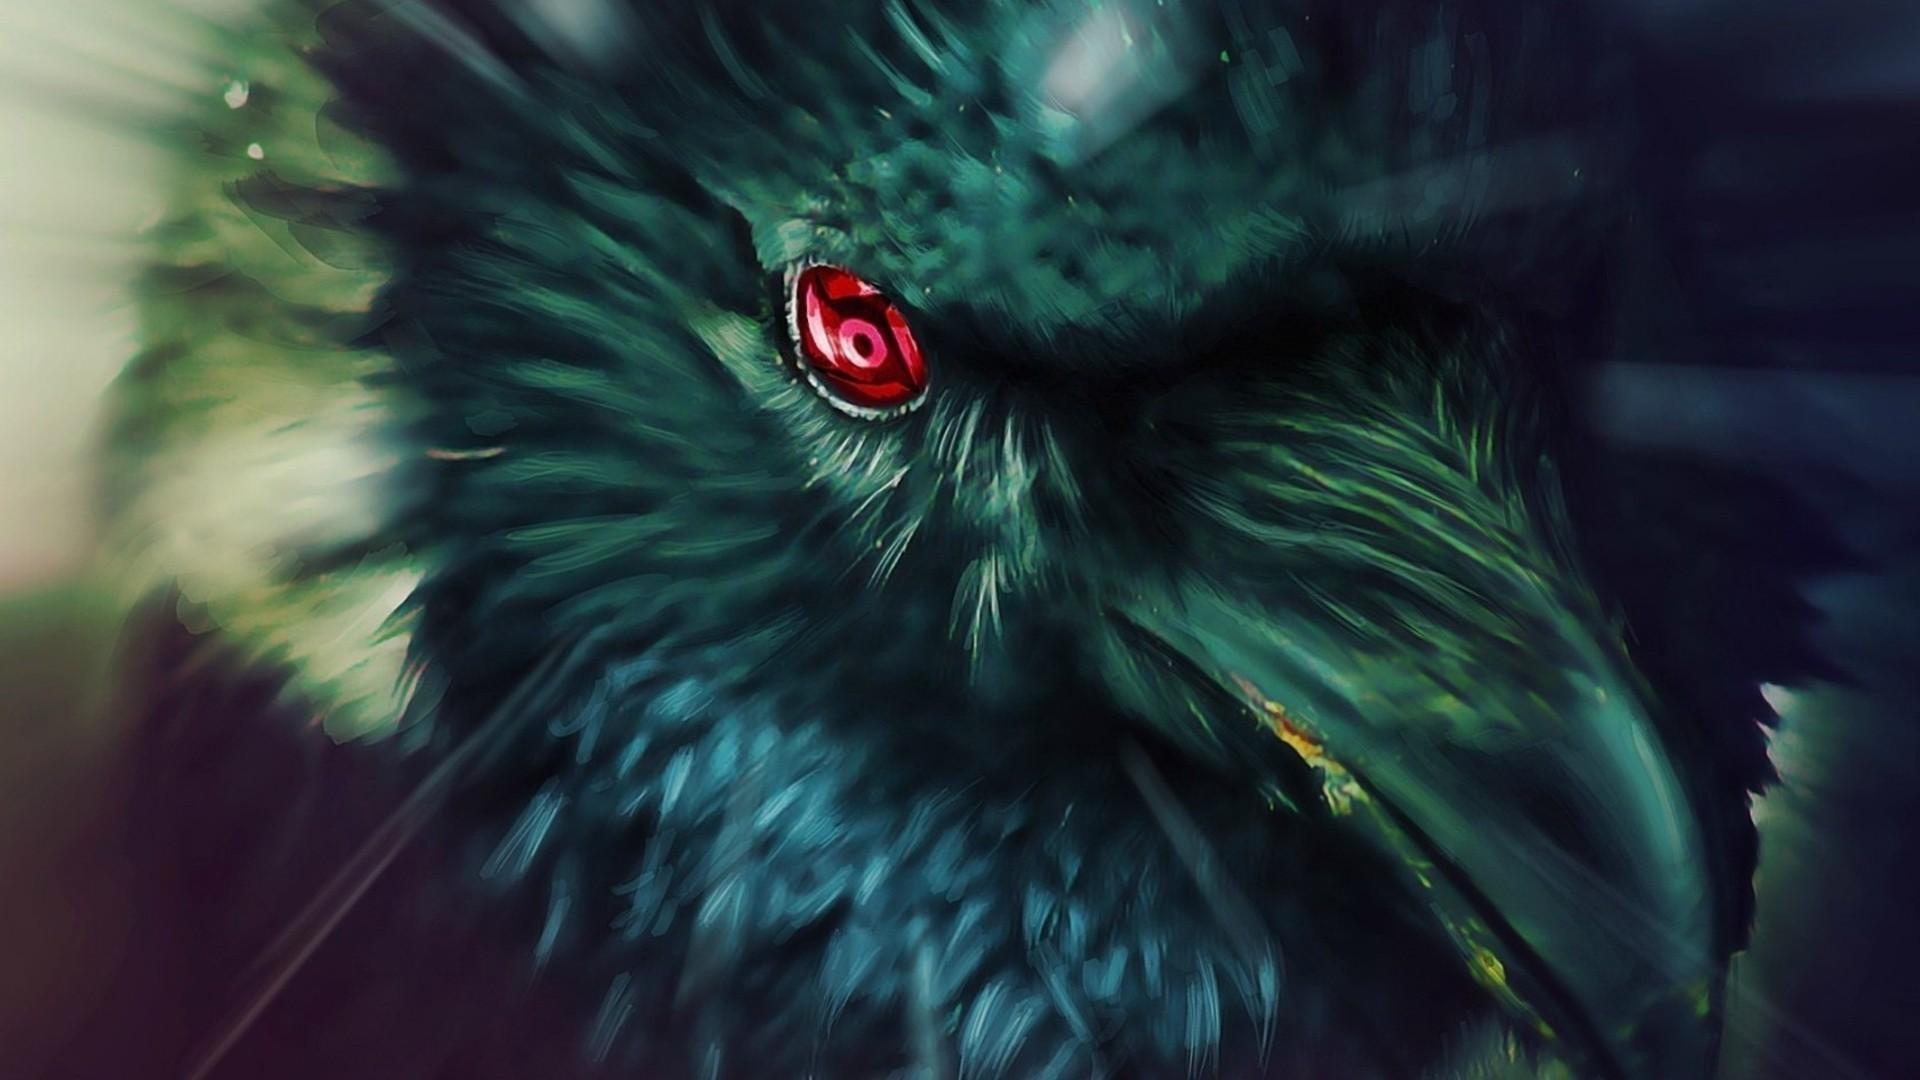 Ürkütücü Karga Deneyi: Kargalar Unutmaz ve Ölümden Ders Çıkarır